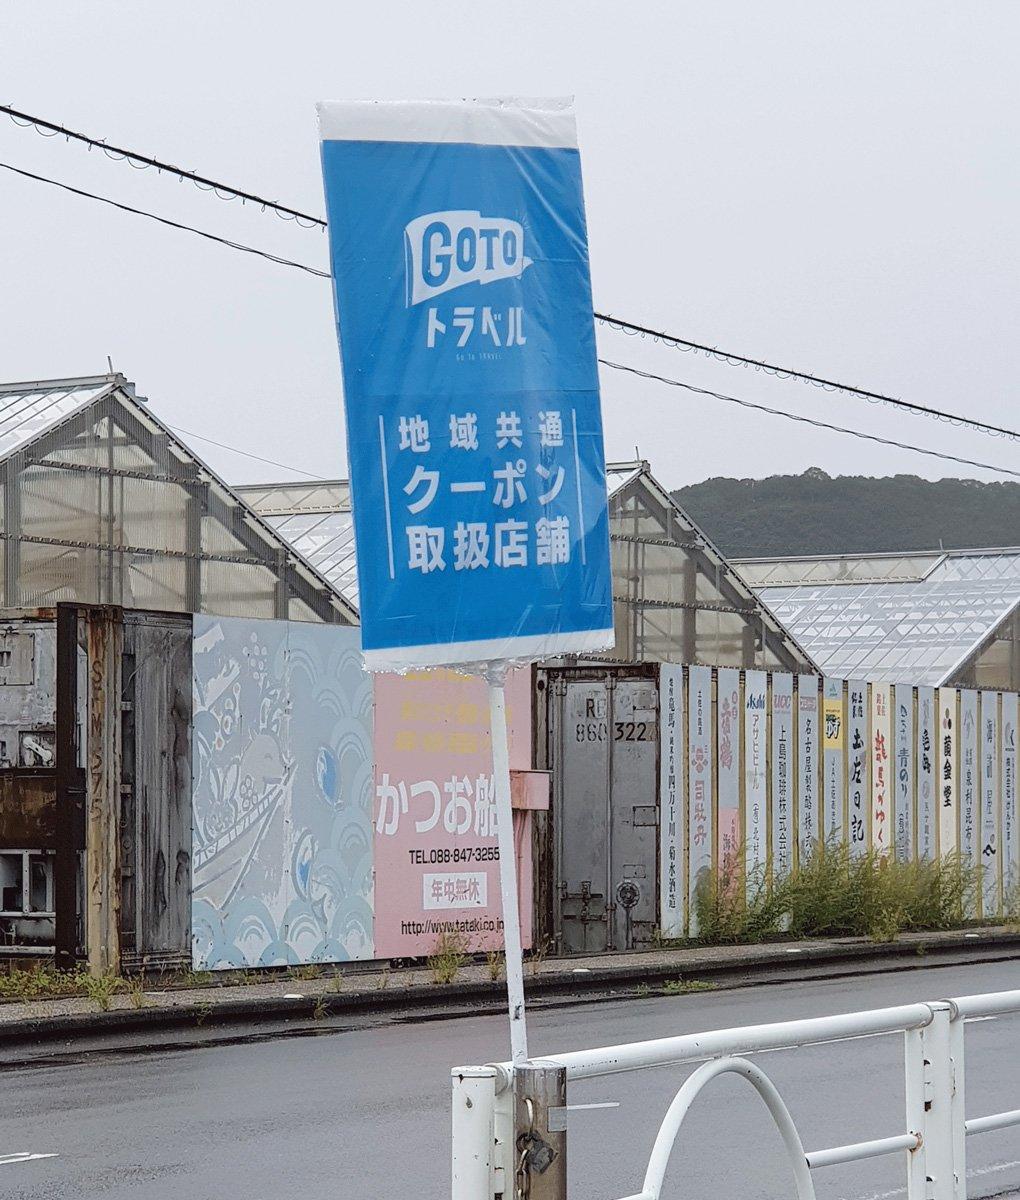 旅先の高知県で見掛けた、Go Toトラベルの「地域共通クーポン取扱店舗」を知らせる看板